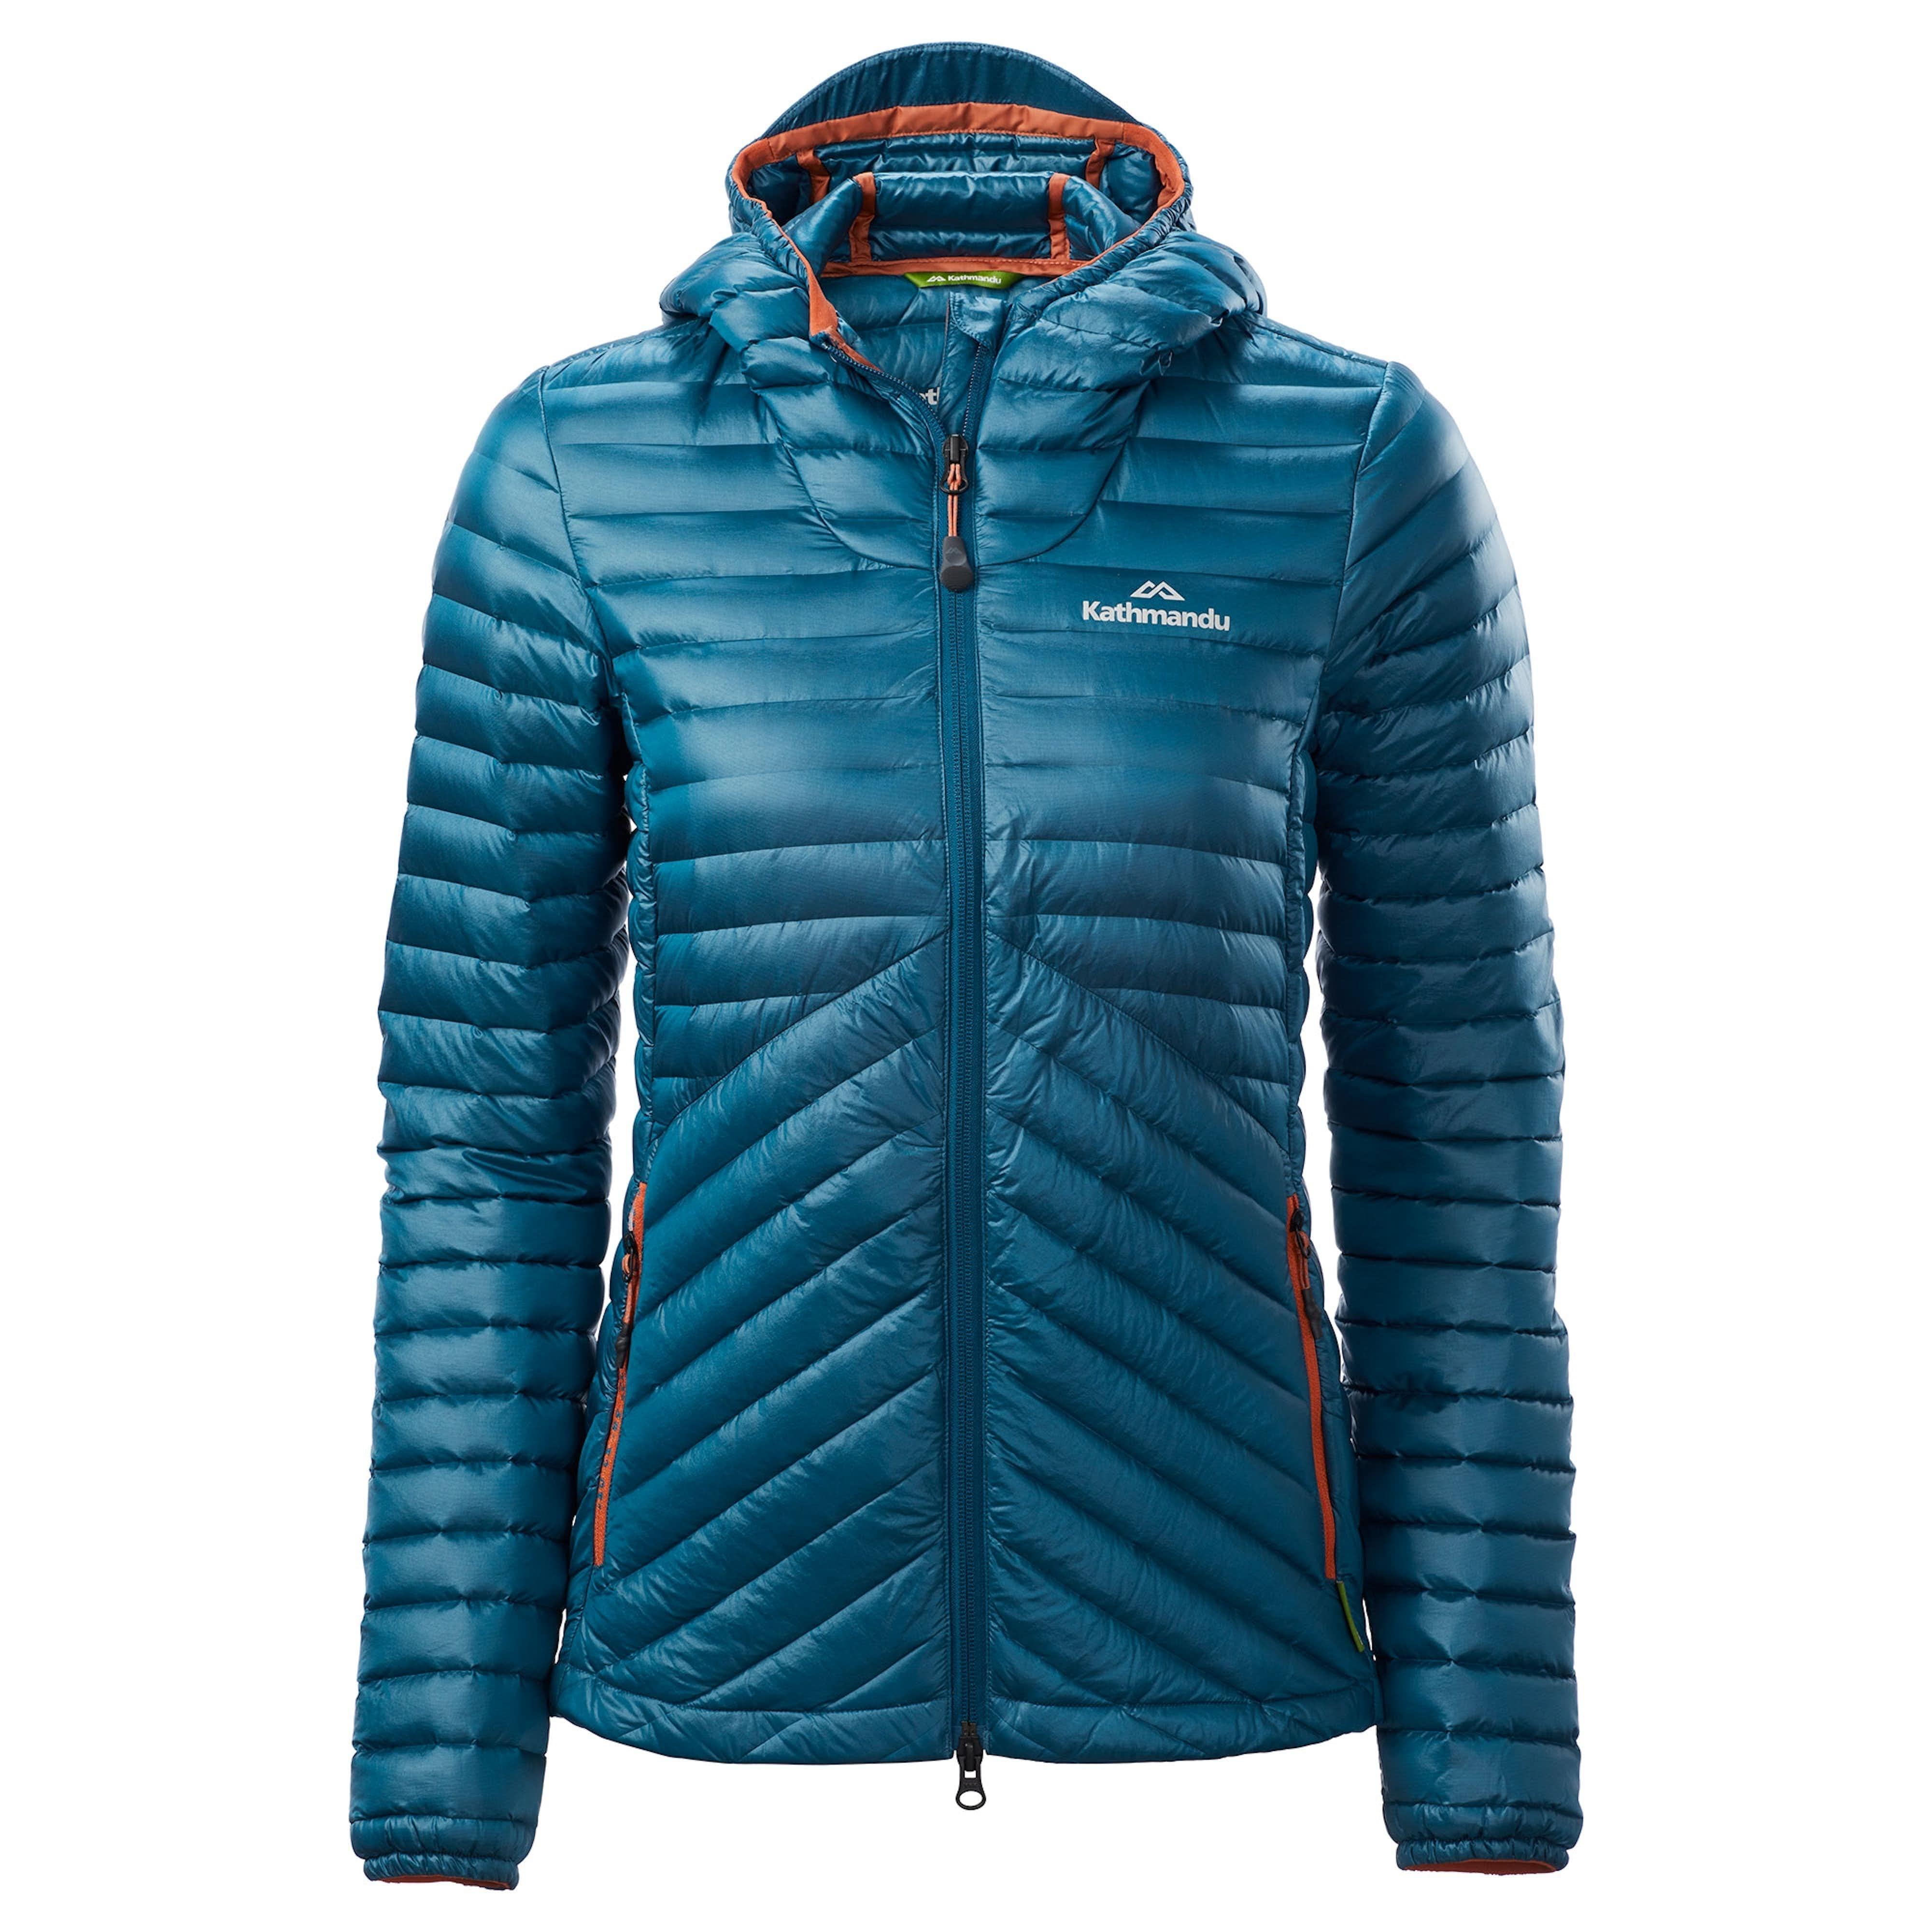 b4a5e1a76d8cc Clearance of Women's Outdoor Clothing & Gear   Kathmandu NZ